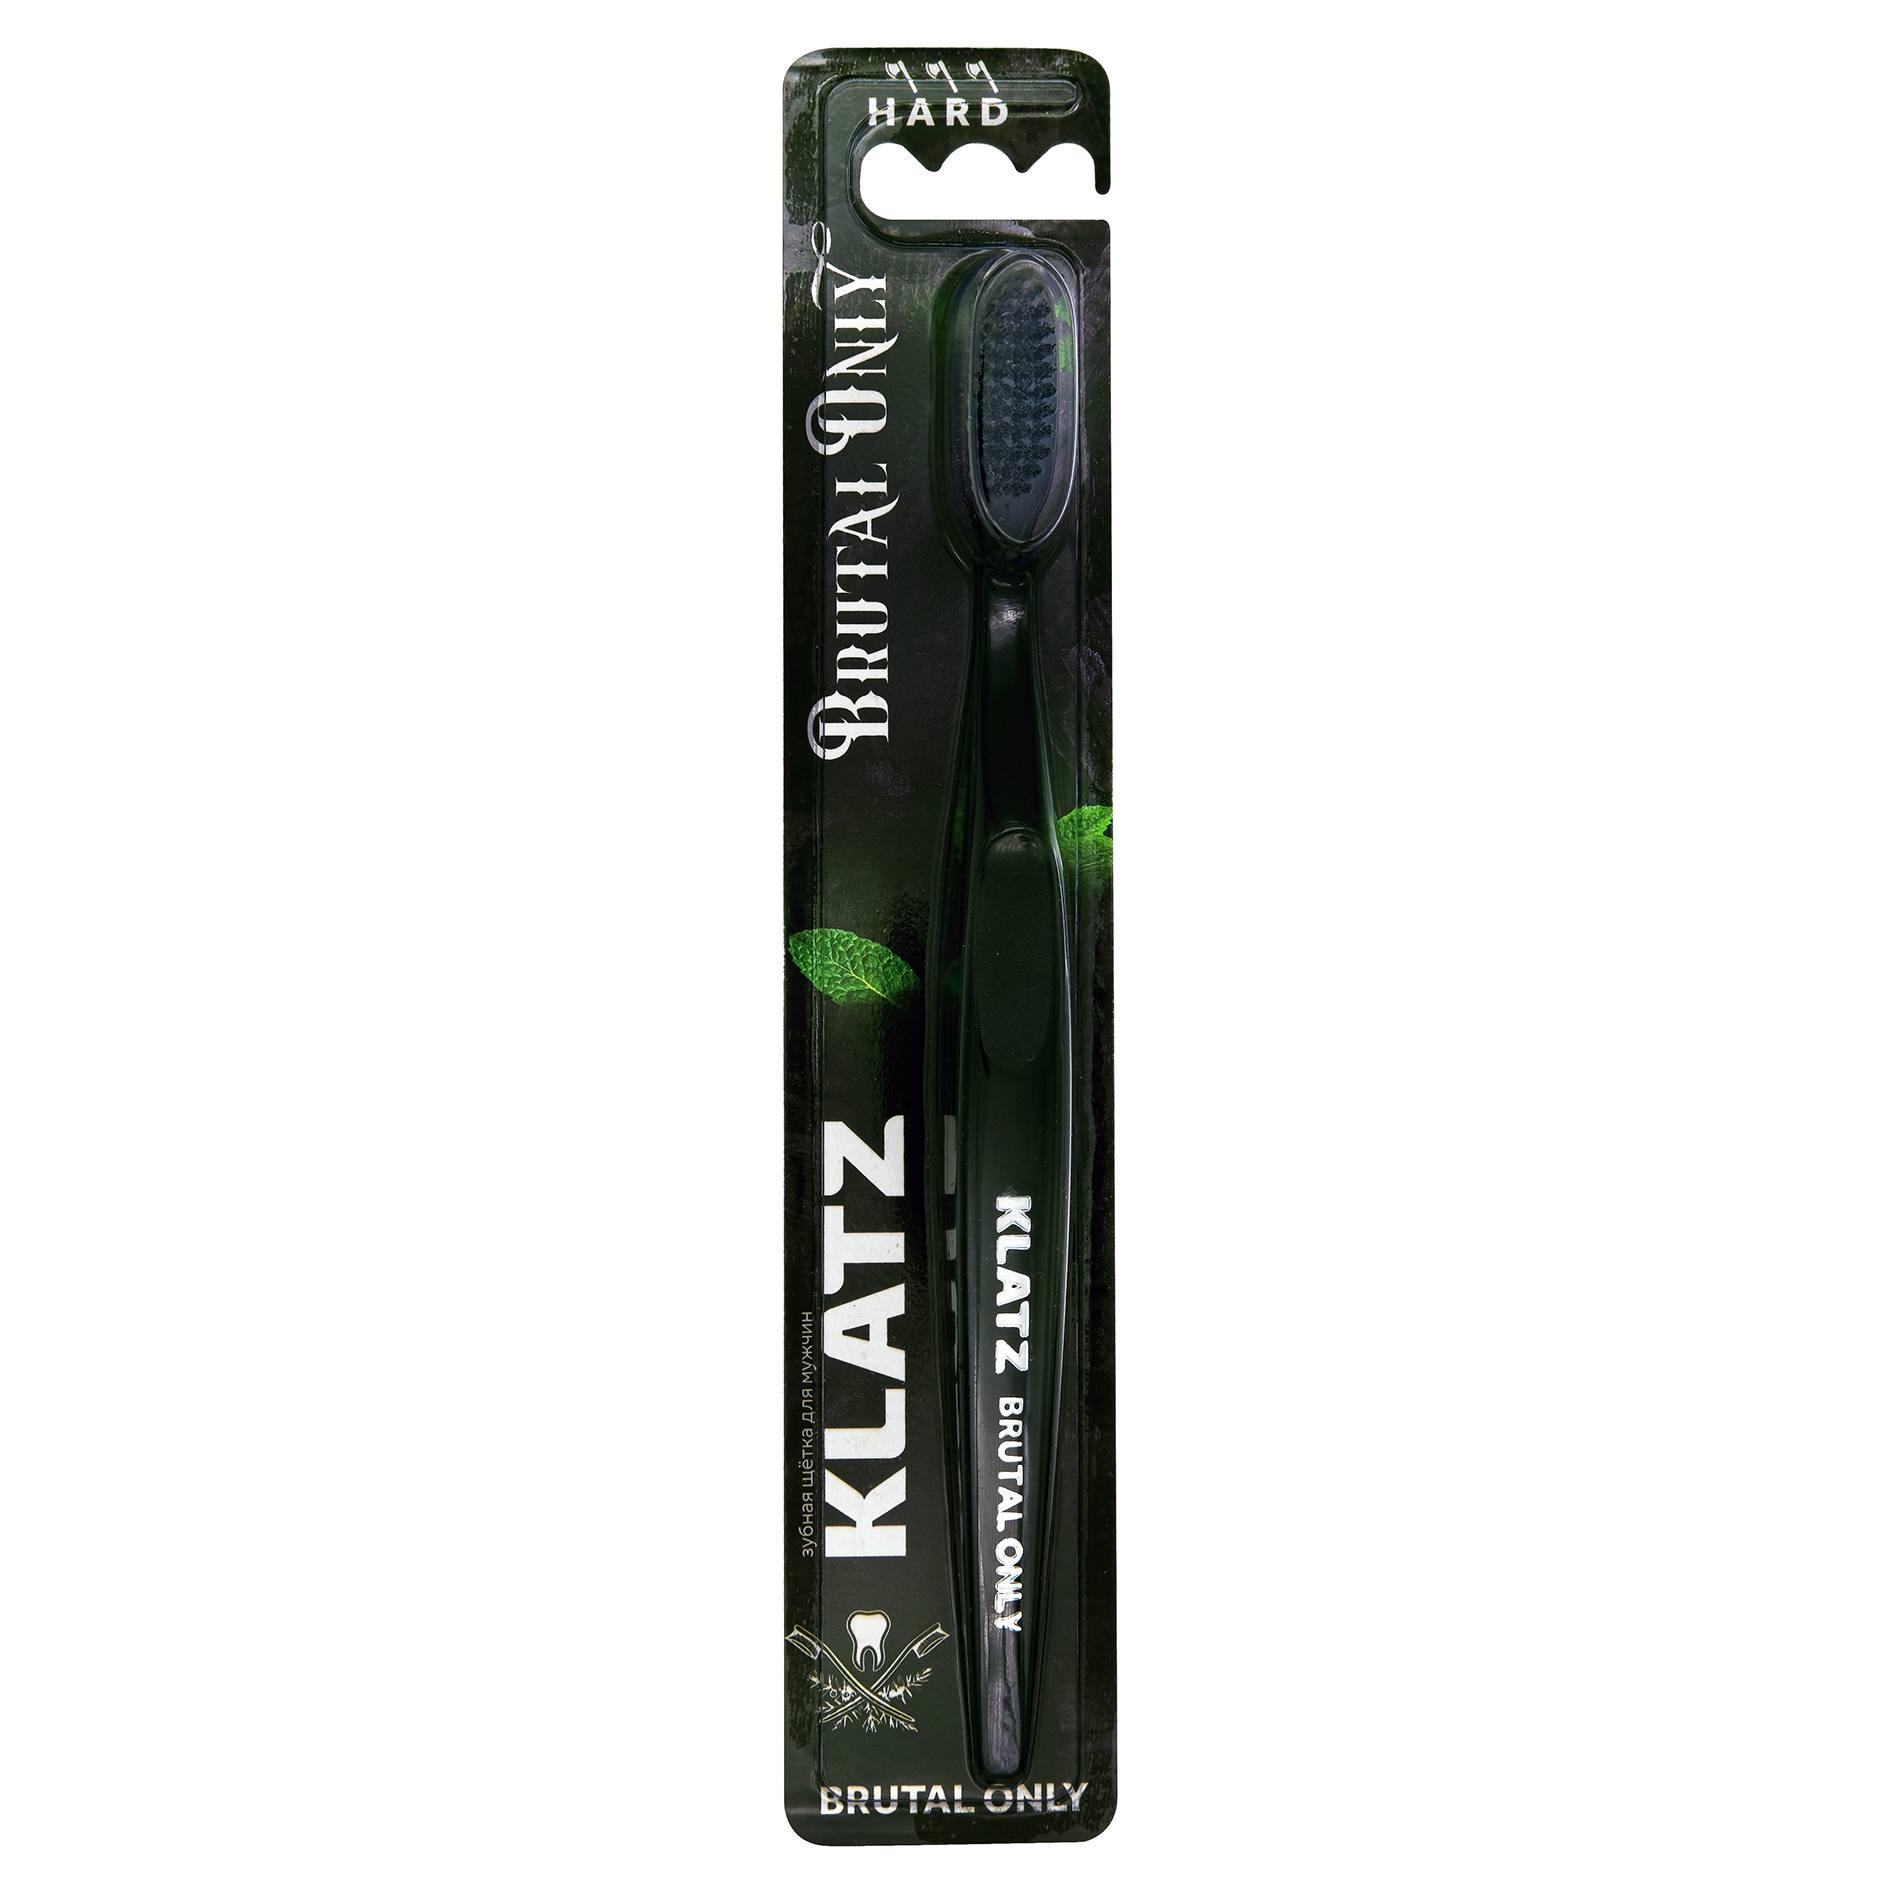 Klatz Щетка Brutal Only Зубная для Взрослых Жесткая, 1 шт global white щетка hard зубная жесткая 1 шт